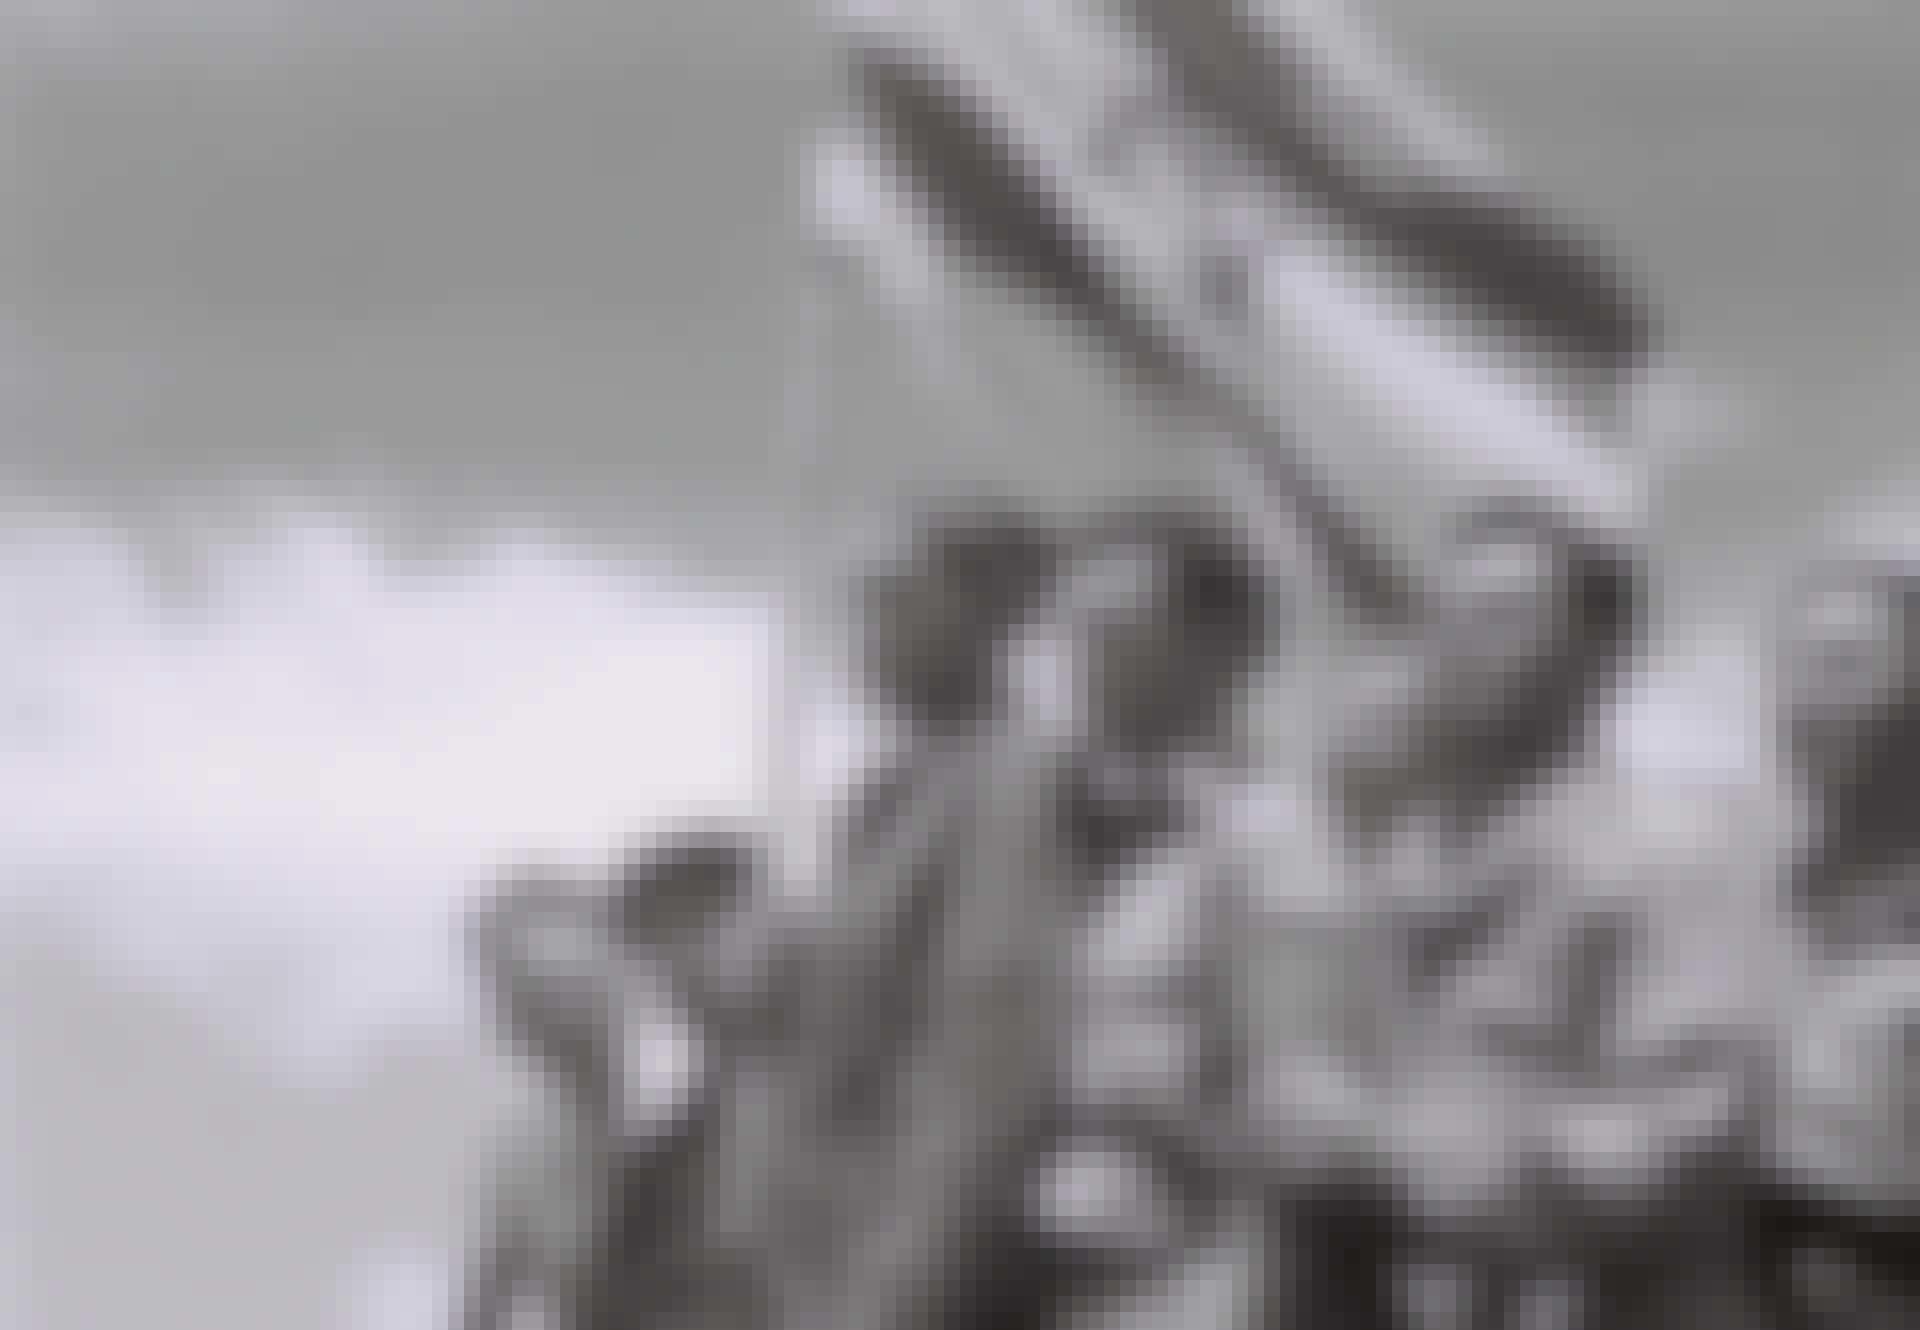 Kz-fanger med israelsk flagg